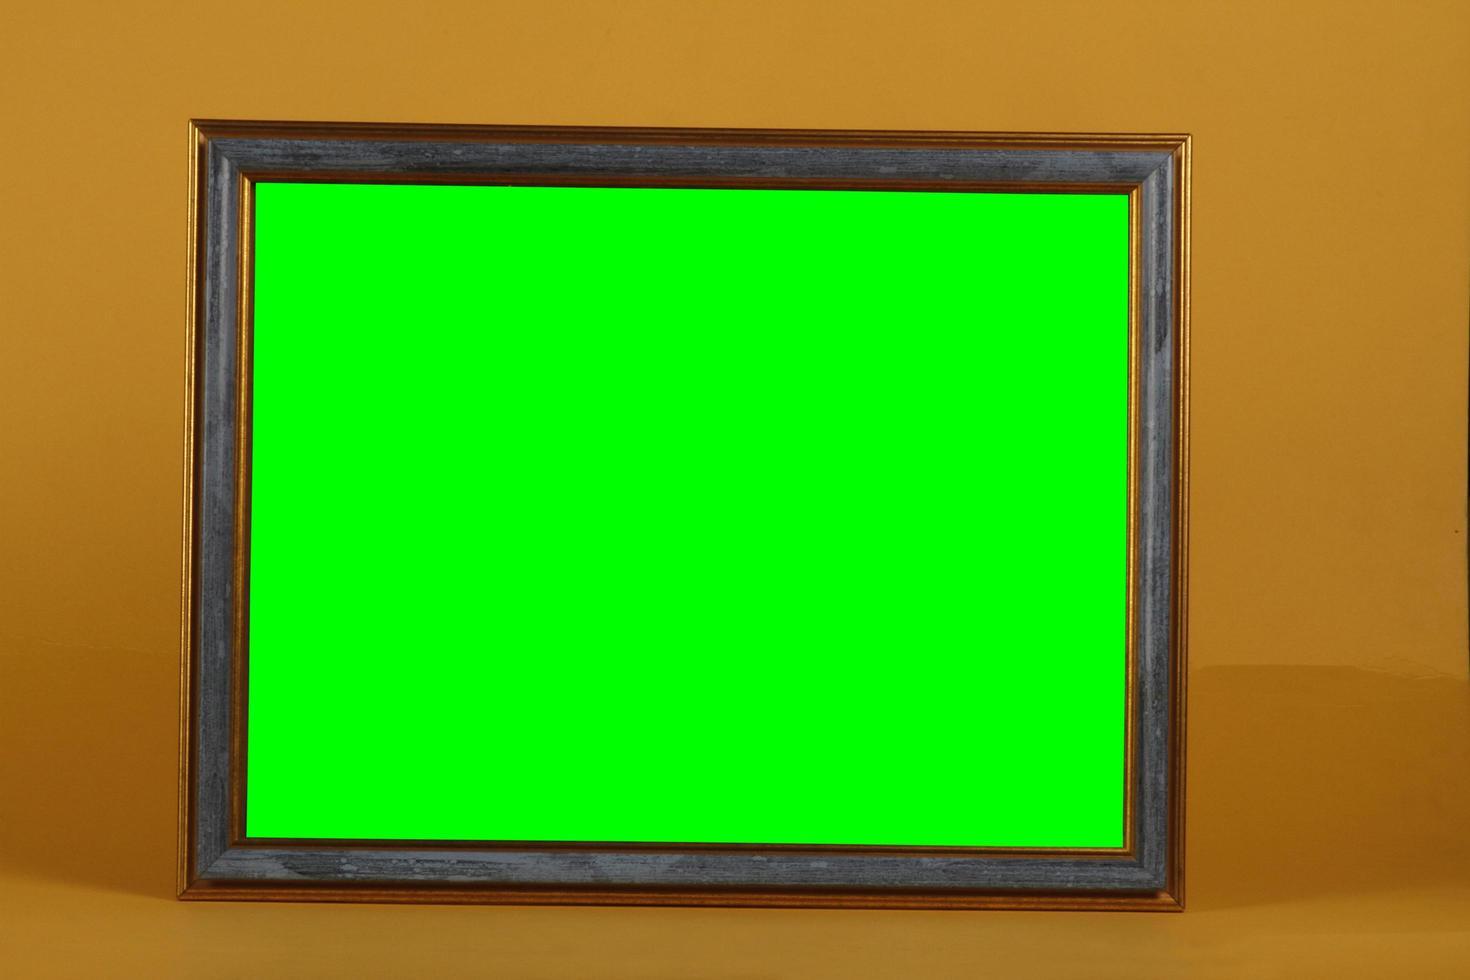 cadre vide en bois ou en matériau artificiel. photo